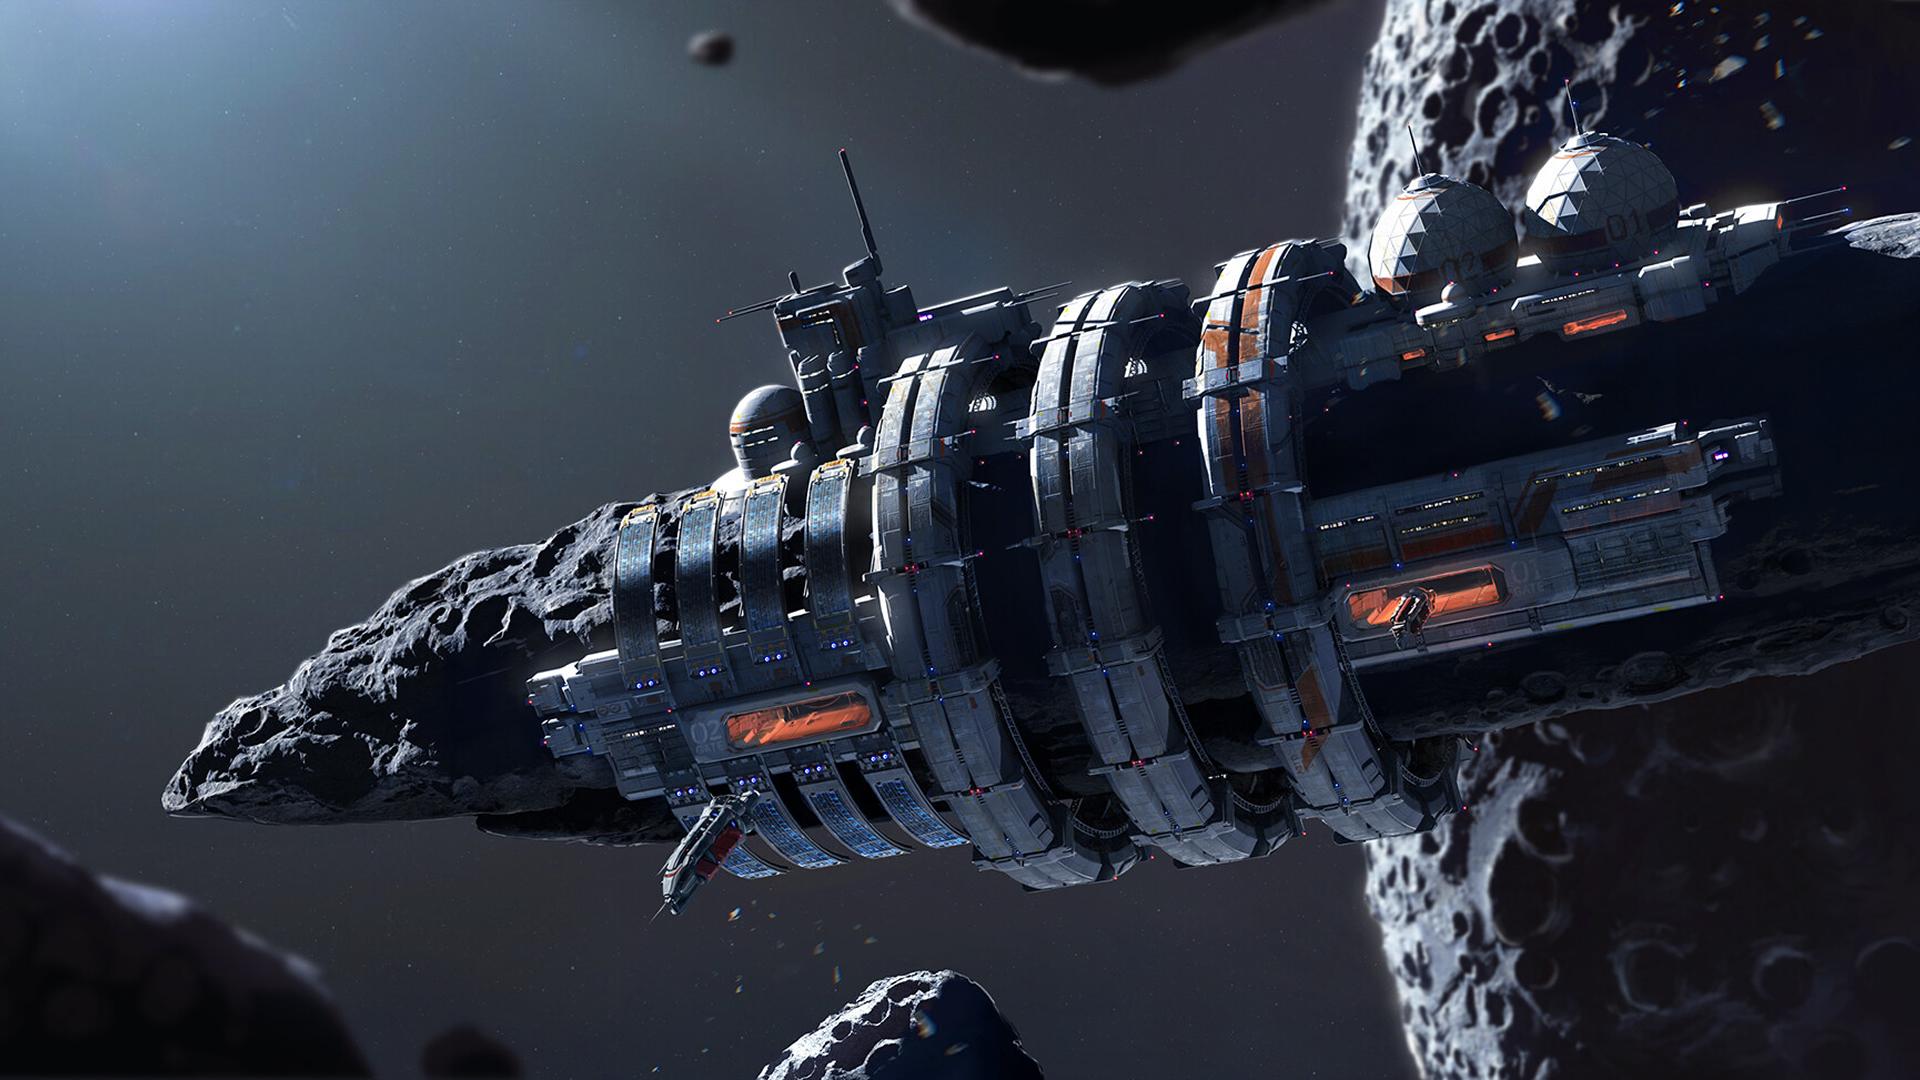 Oumuamua, el visitante interestelar, sí pudo ser tecnología alienígena, indica nuevo estudio